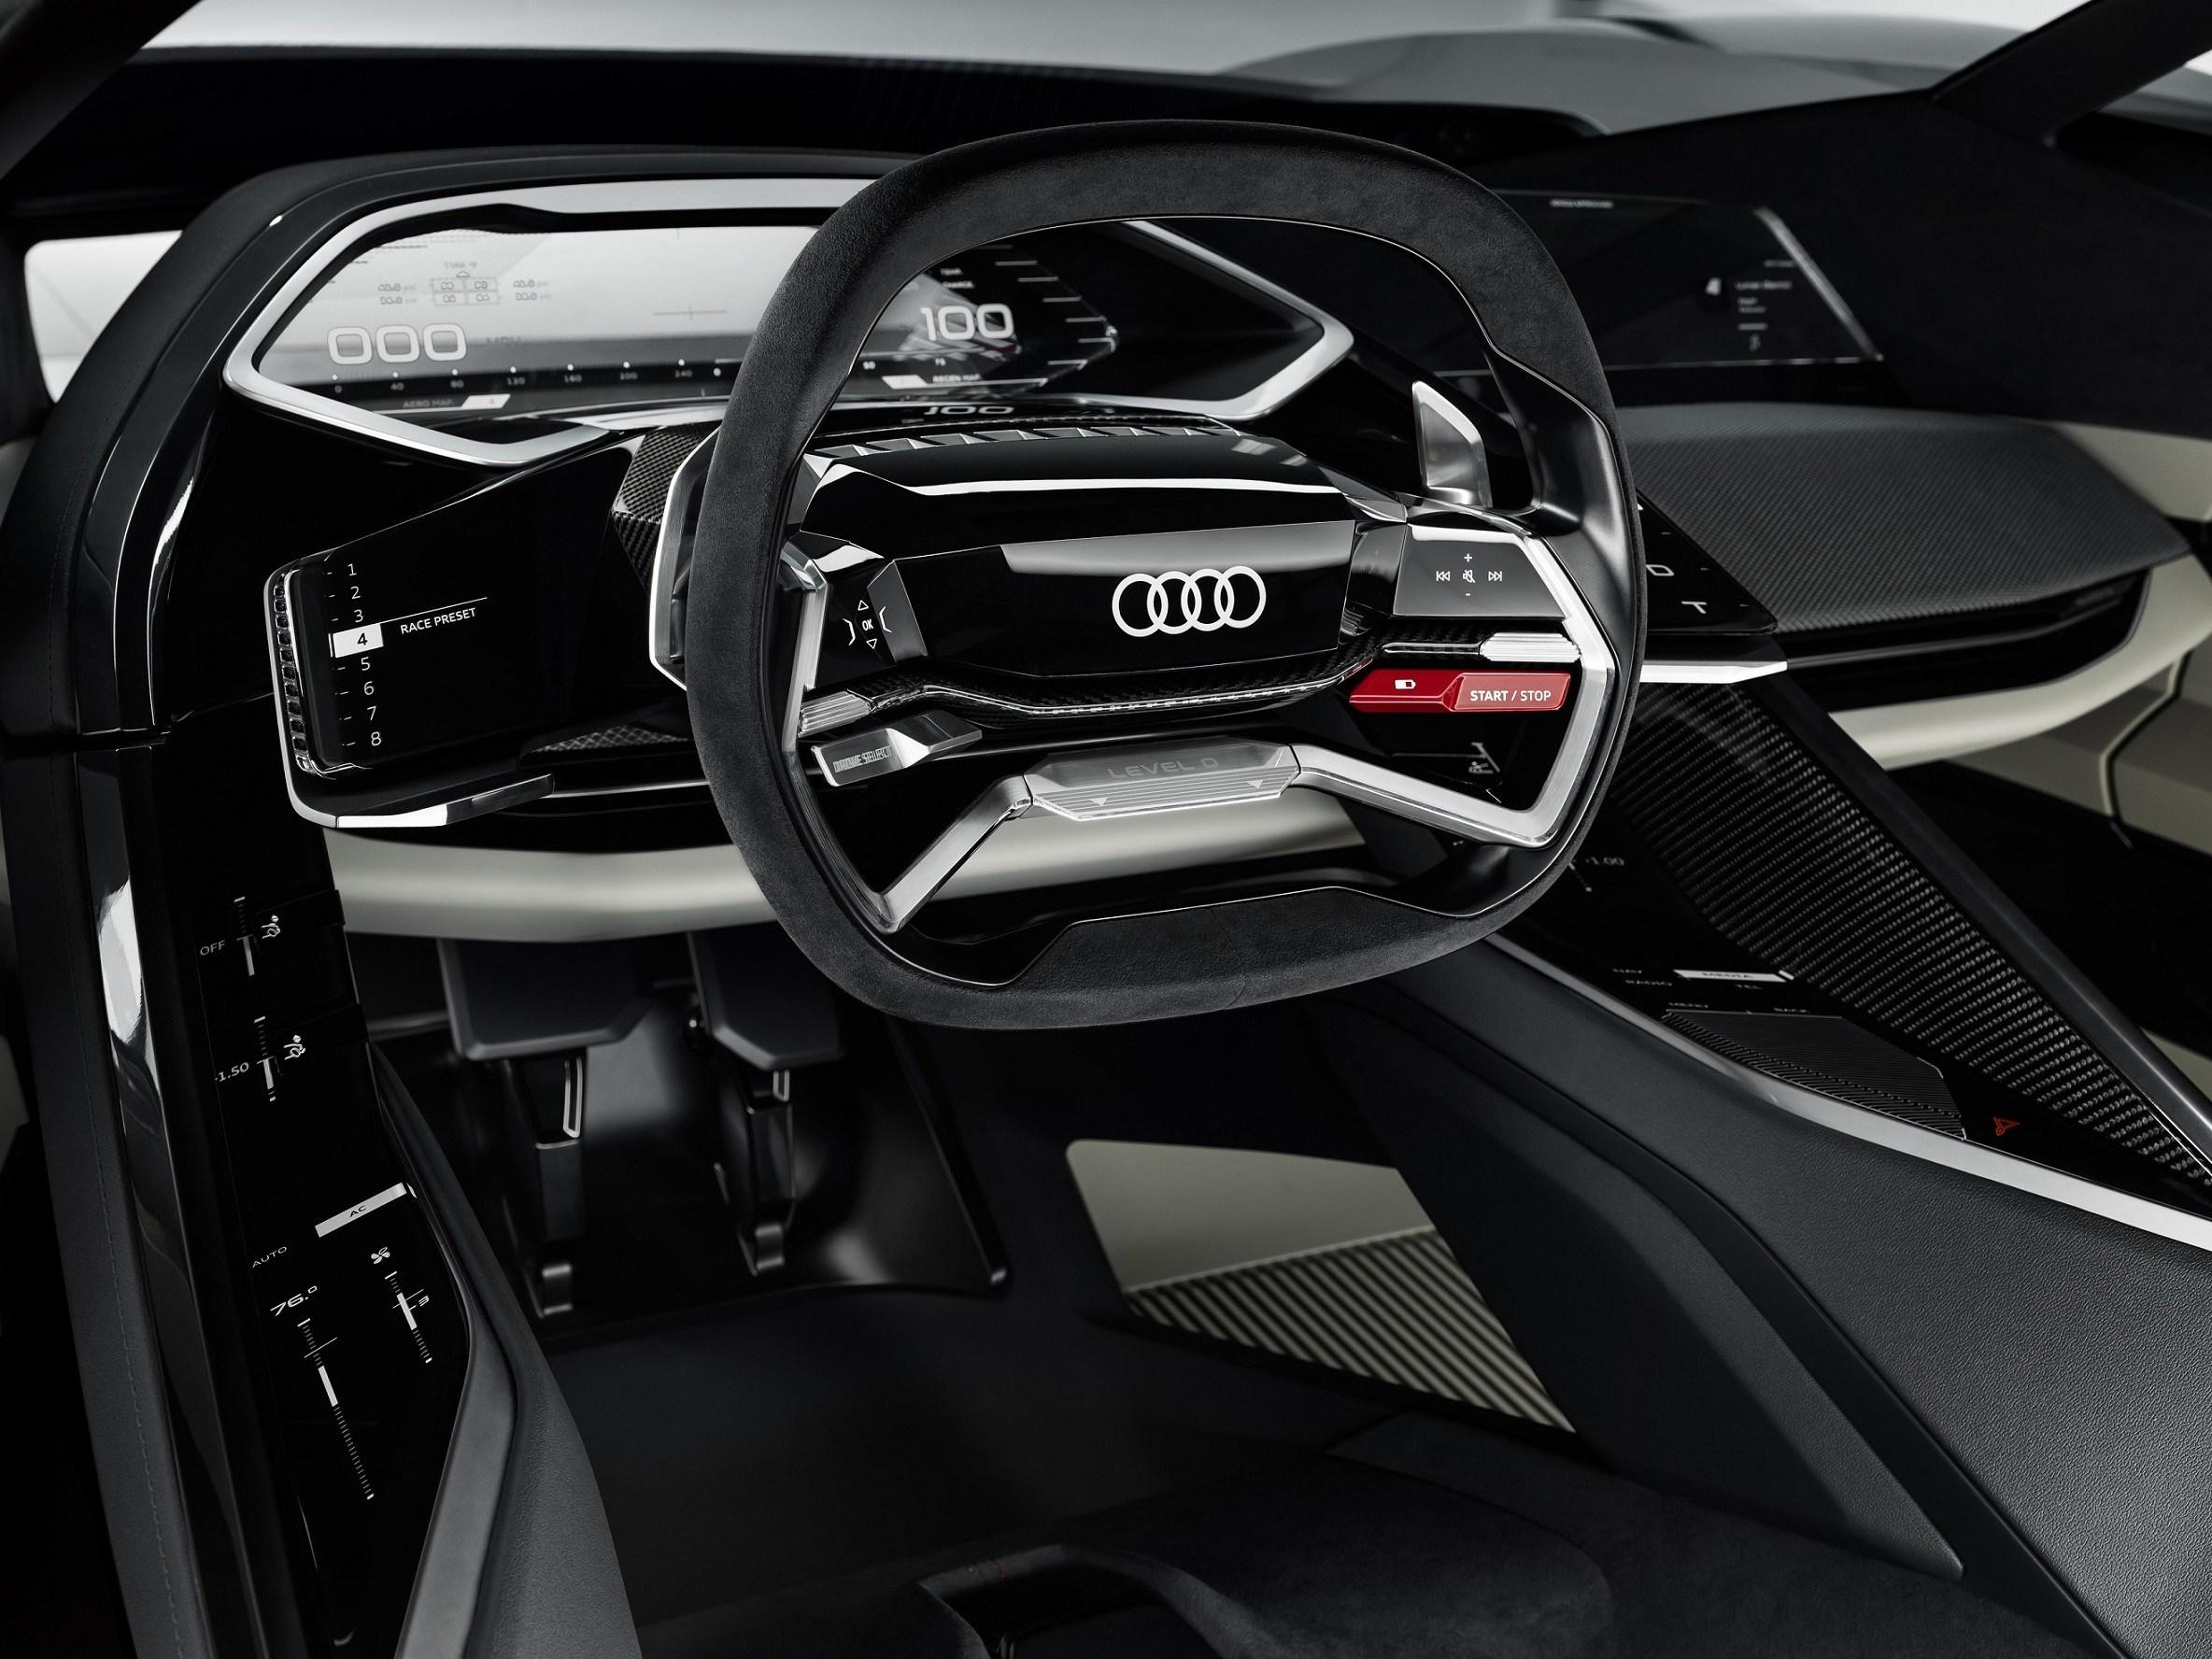 Παγκόσμια πρεμιέρα για το σπορ πρωτότυπο Audi PB18 e-tron